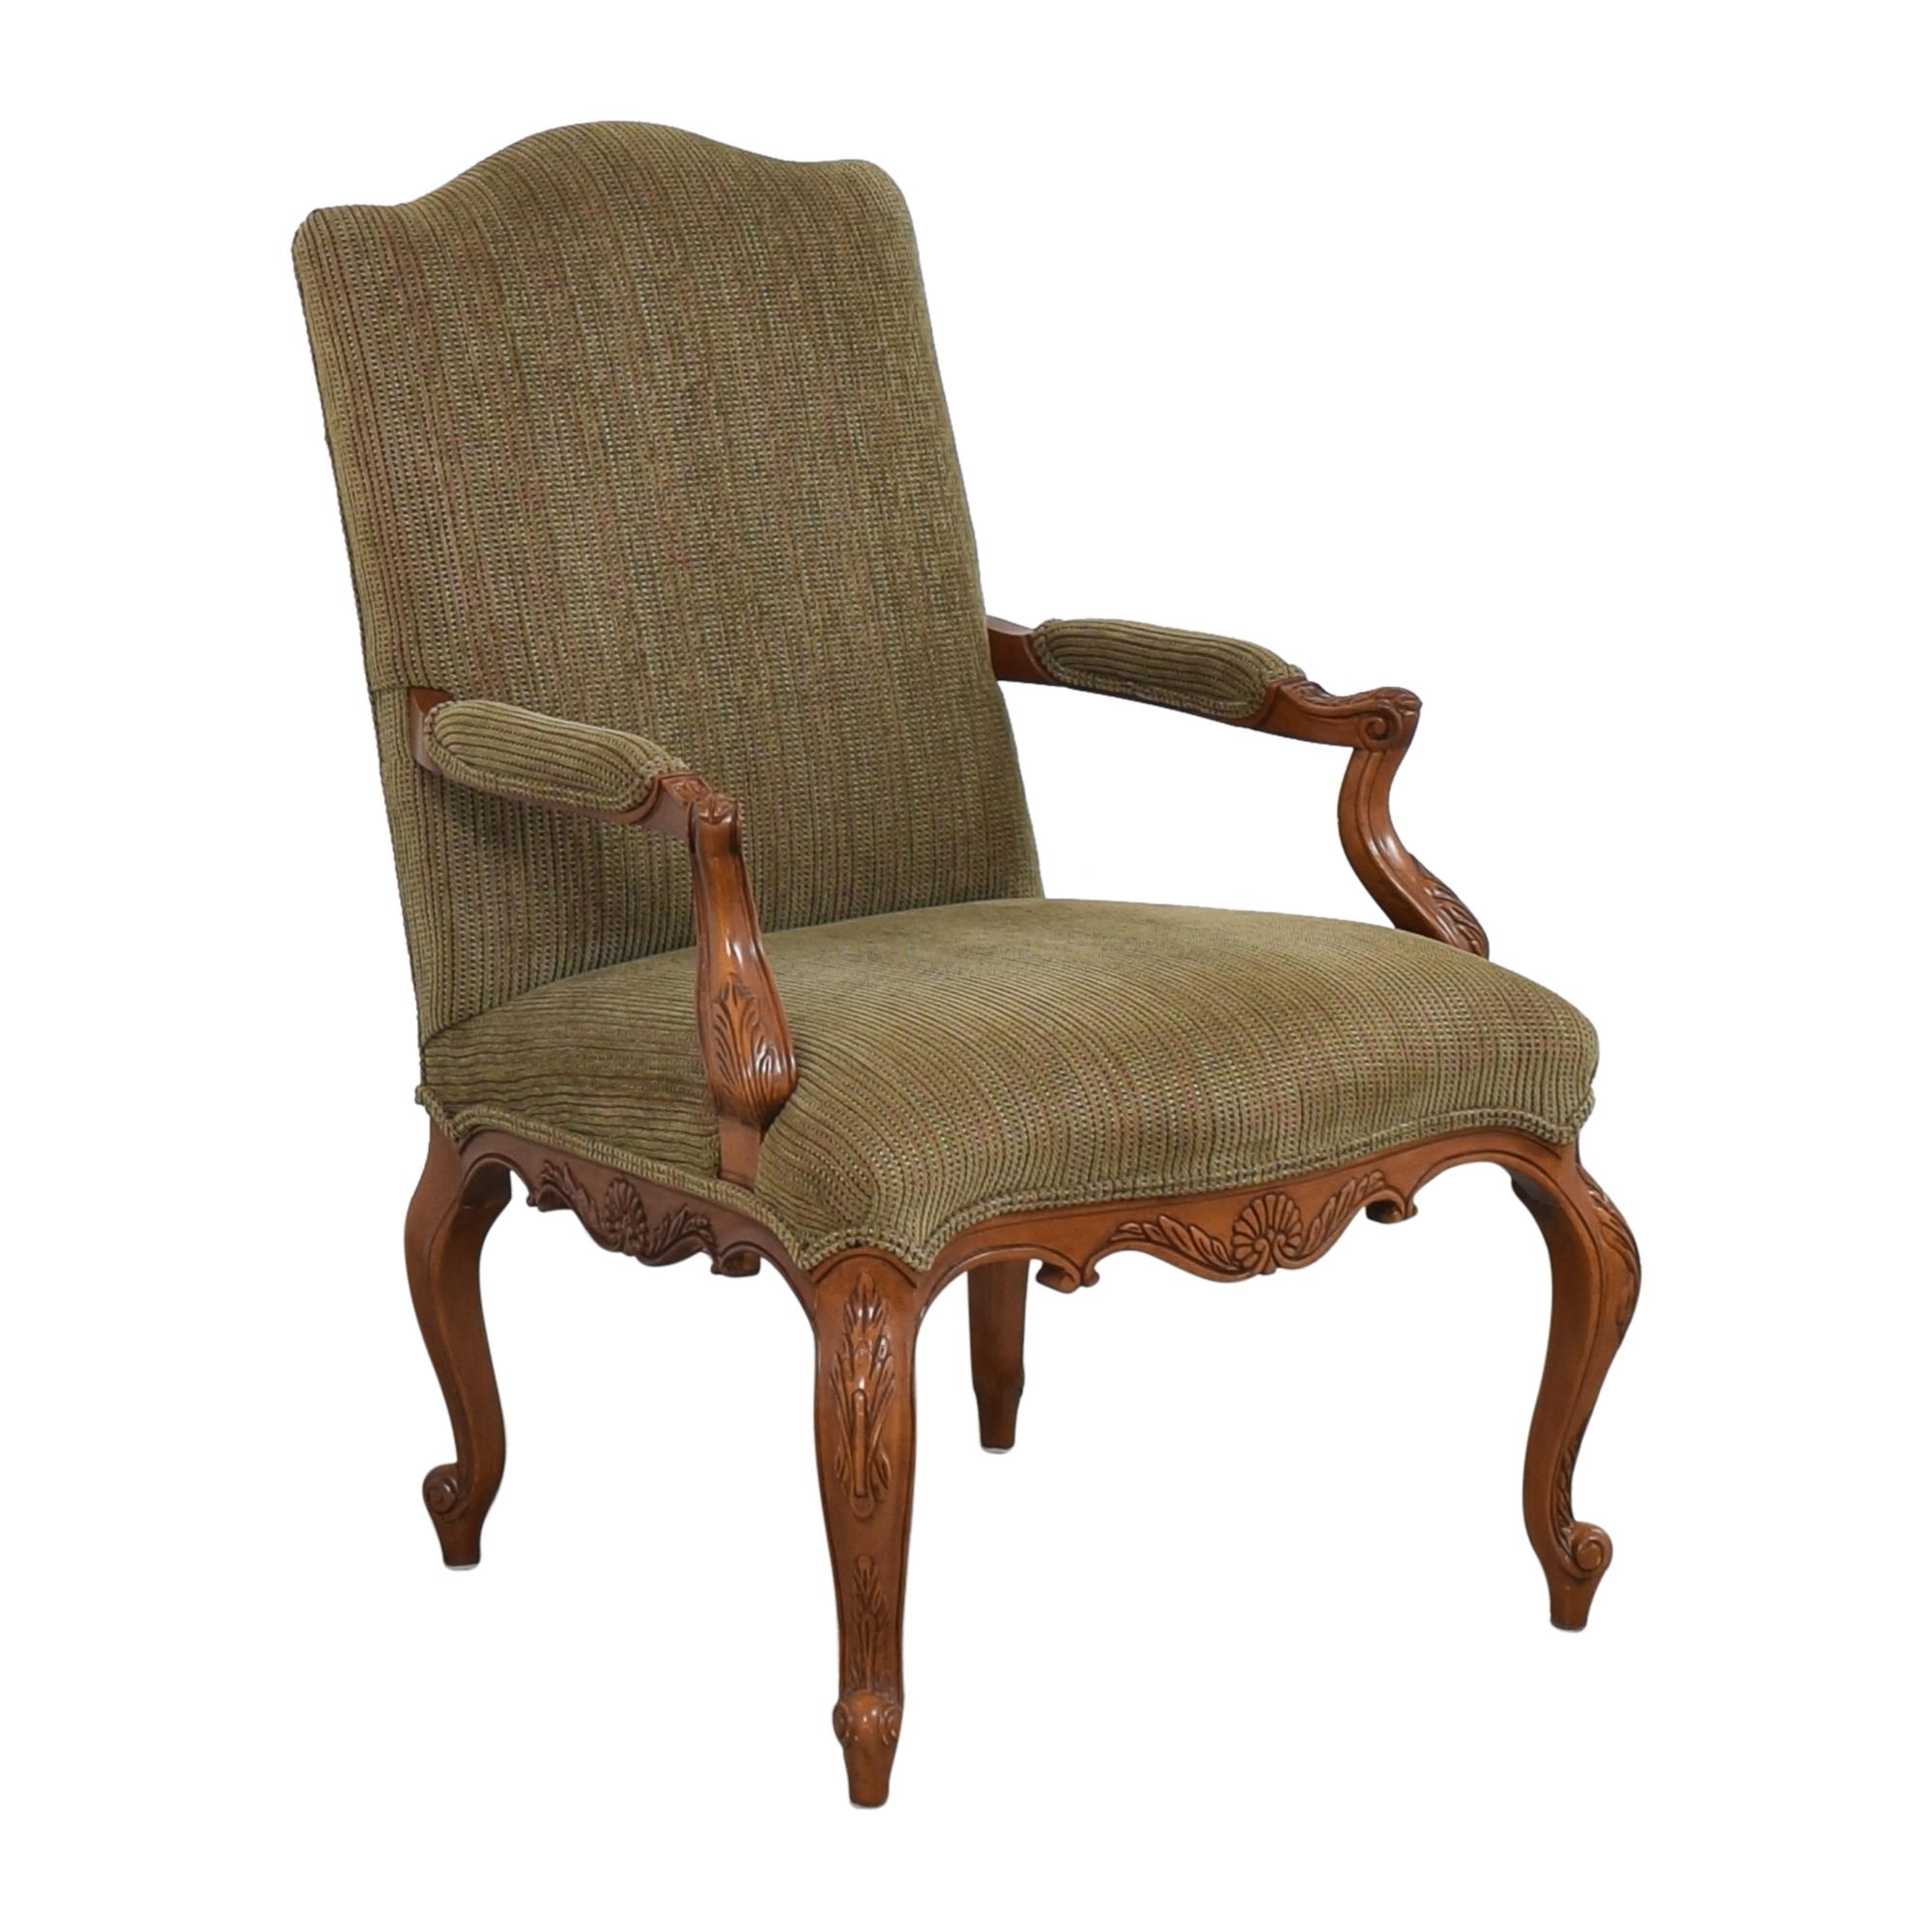 buy Drexel Heritage Drexel Heritage Accent Chair online